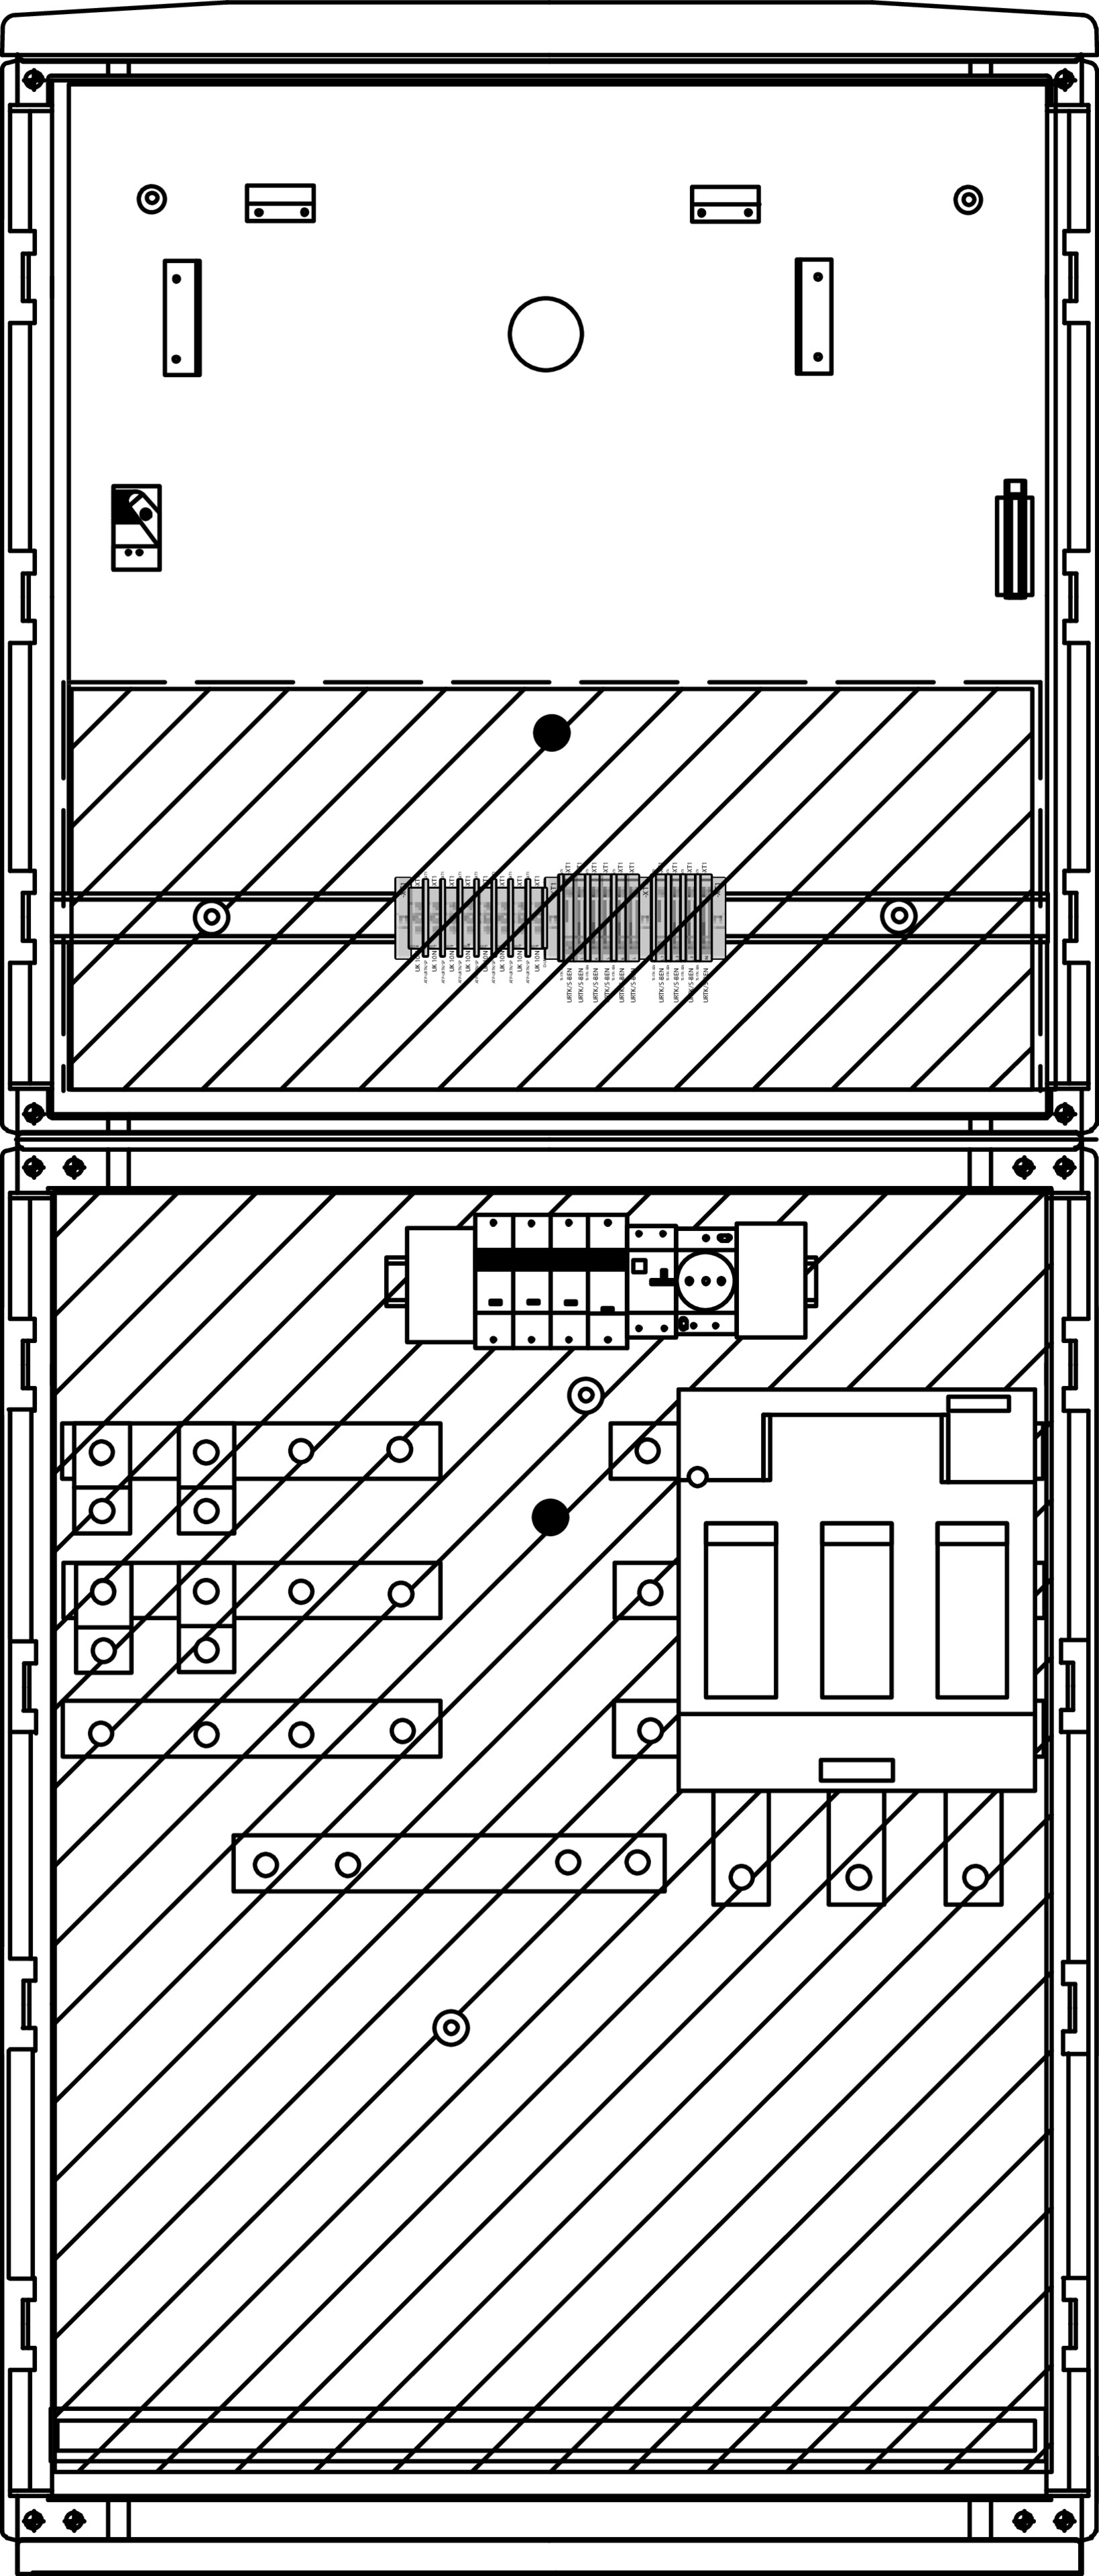 1 Stk Messwandlerschrank 630A,Freiluft,Trenner Gr.3, 785x100x320mm IL190242--